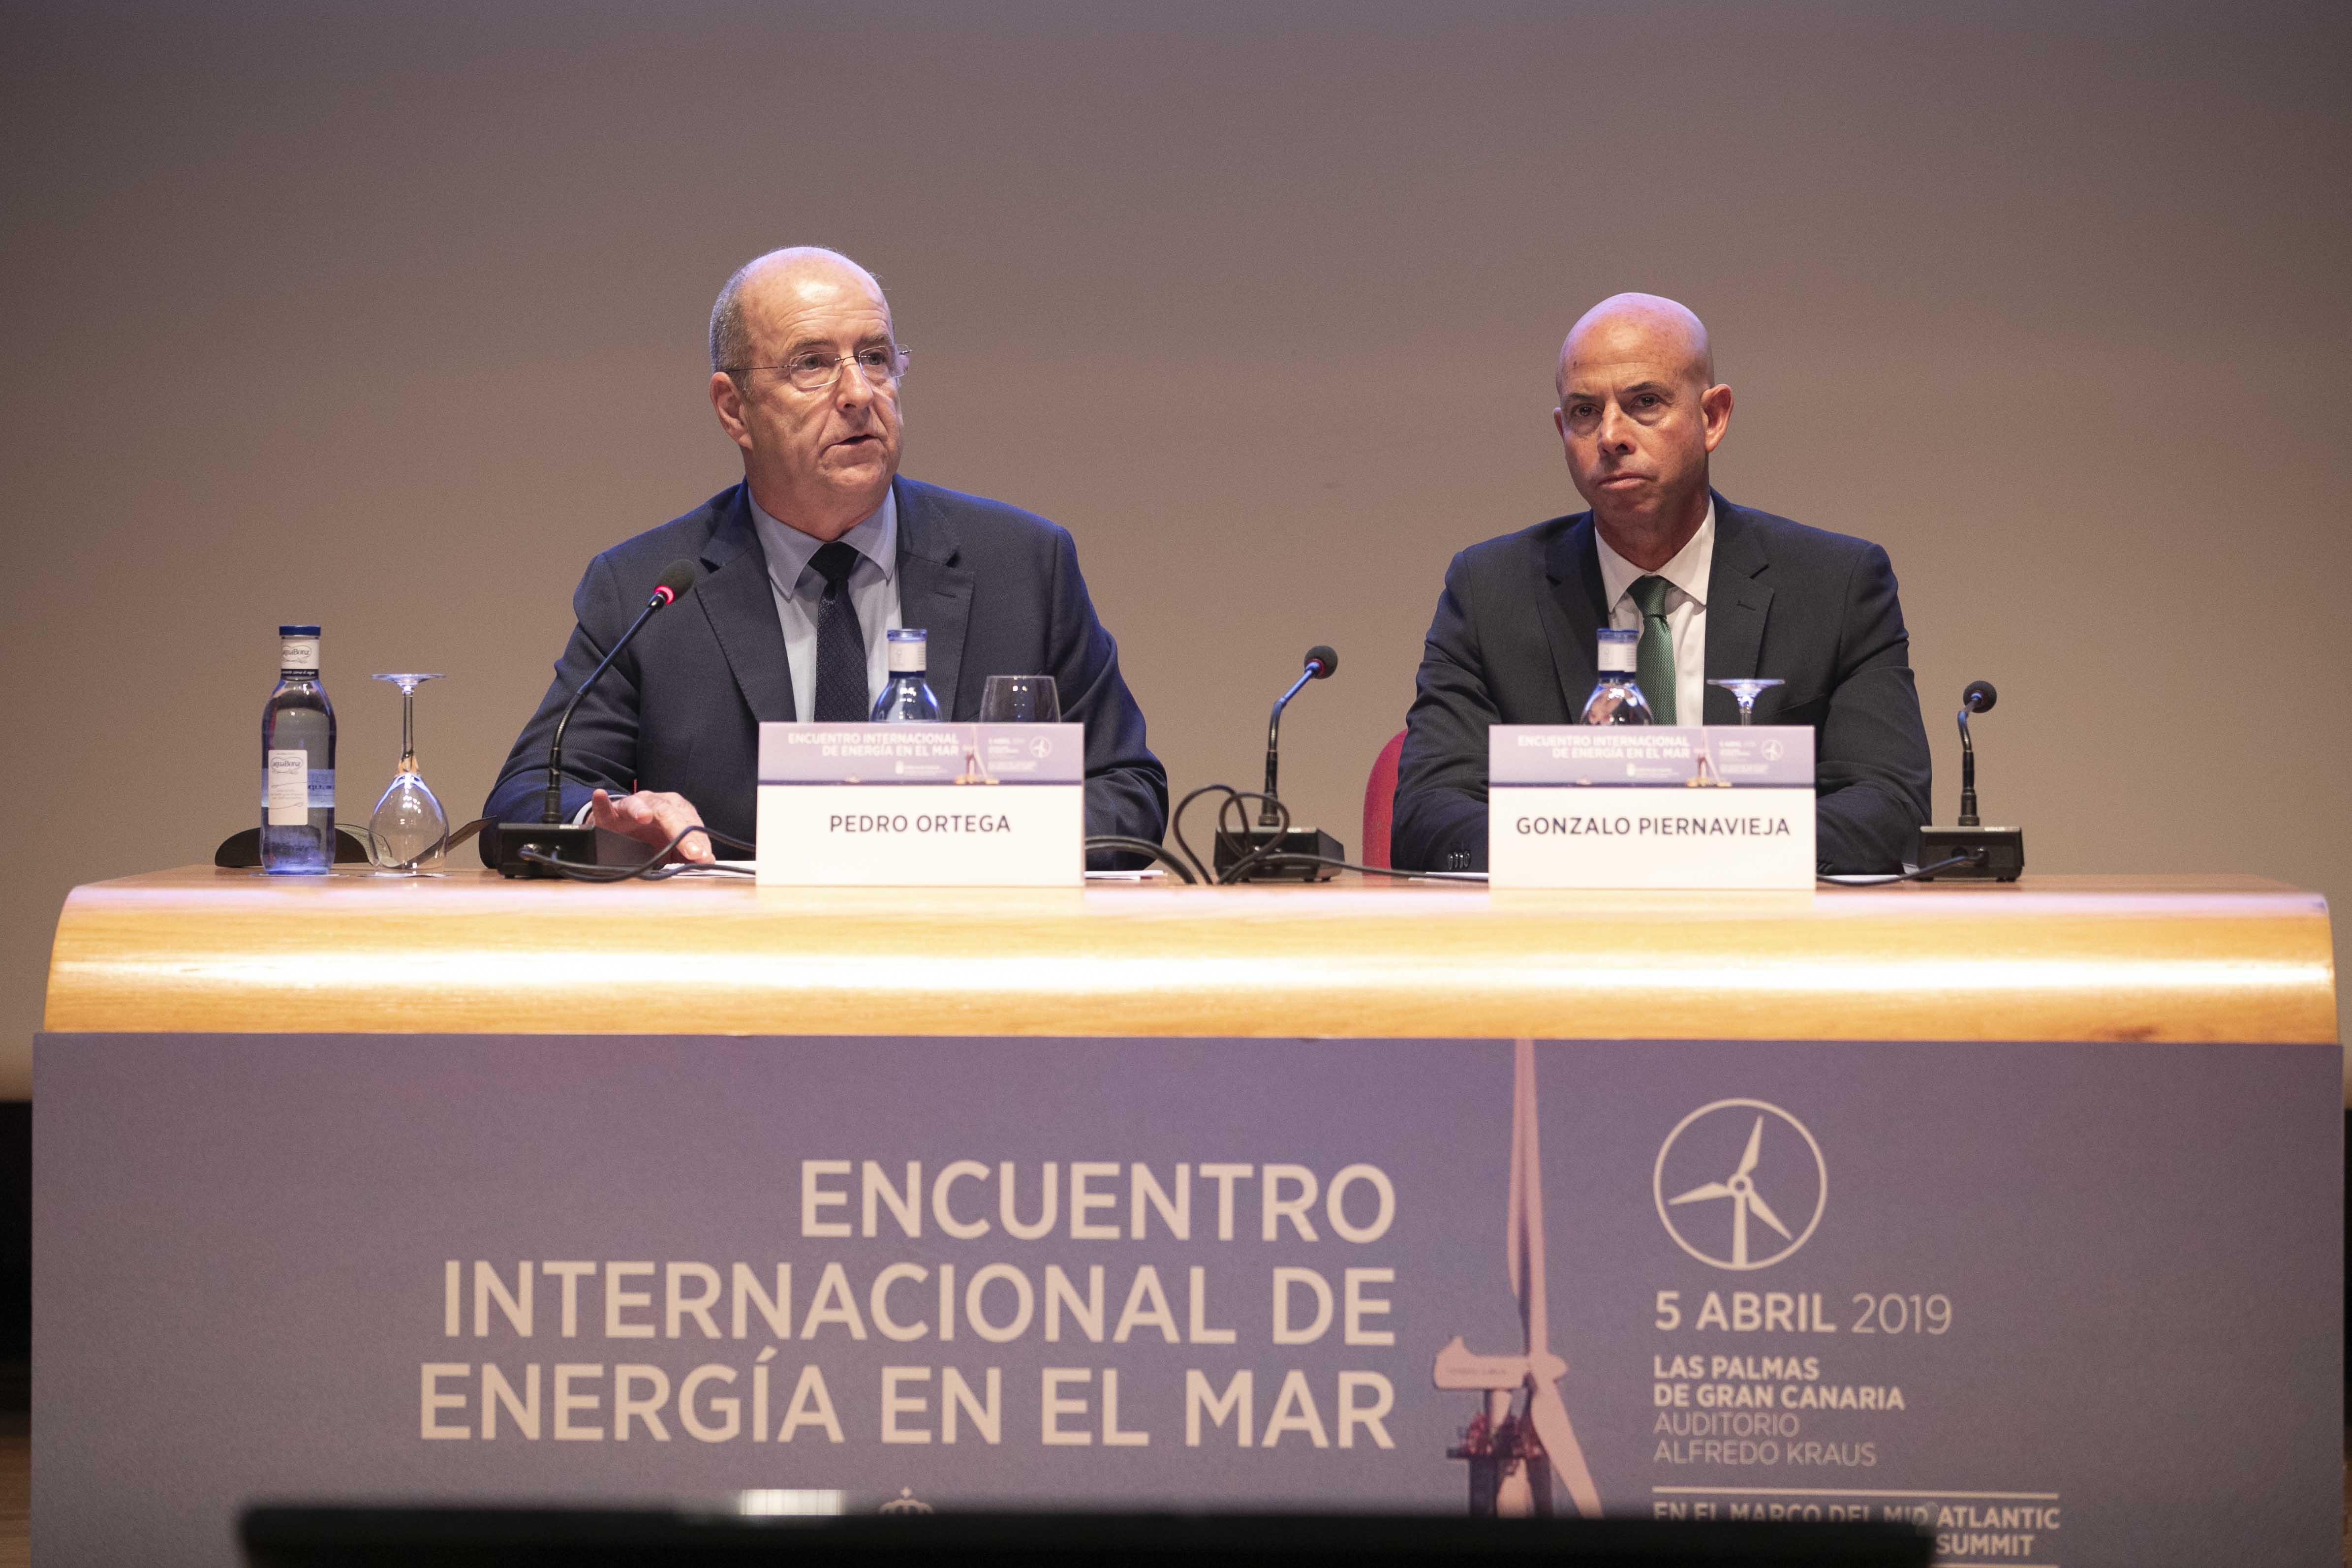 Pedro Ortega durante su intervención en el I Encuentro Internacional de Energía del Mar.